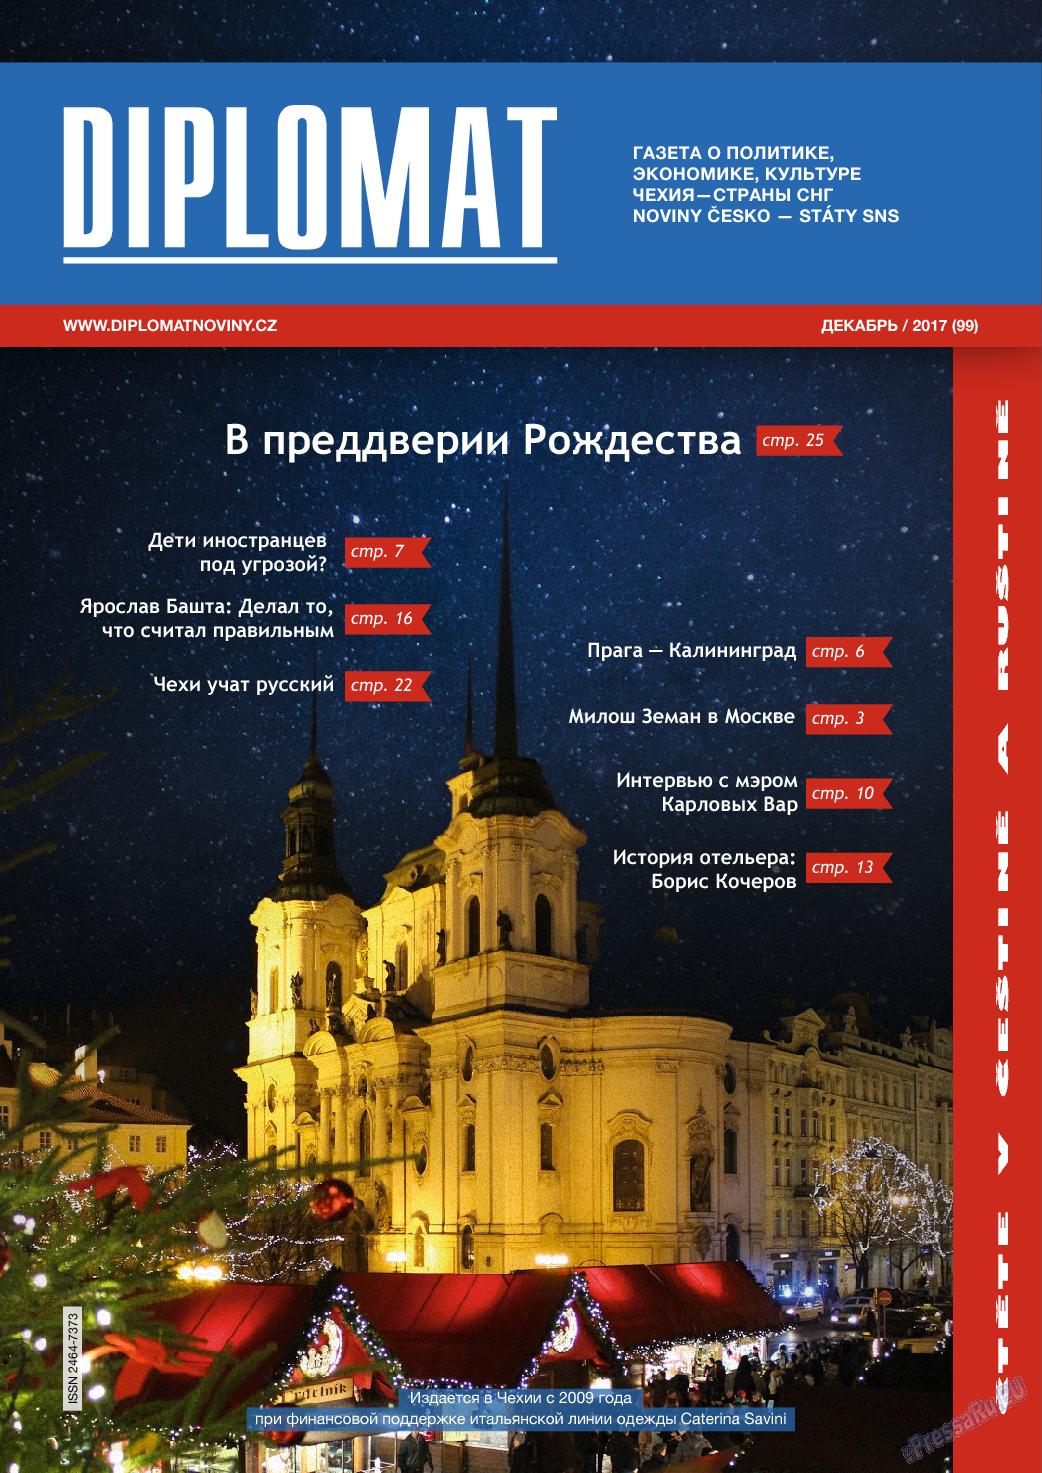 Diplomat (газета). 2017 год, номер 99, стр. 1